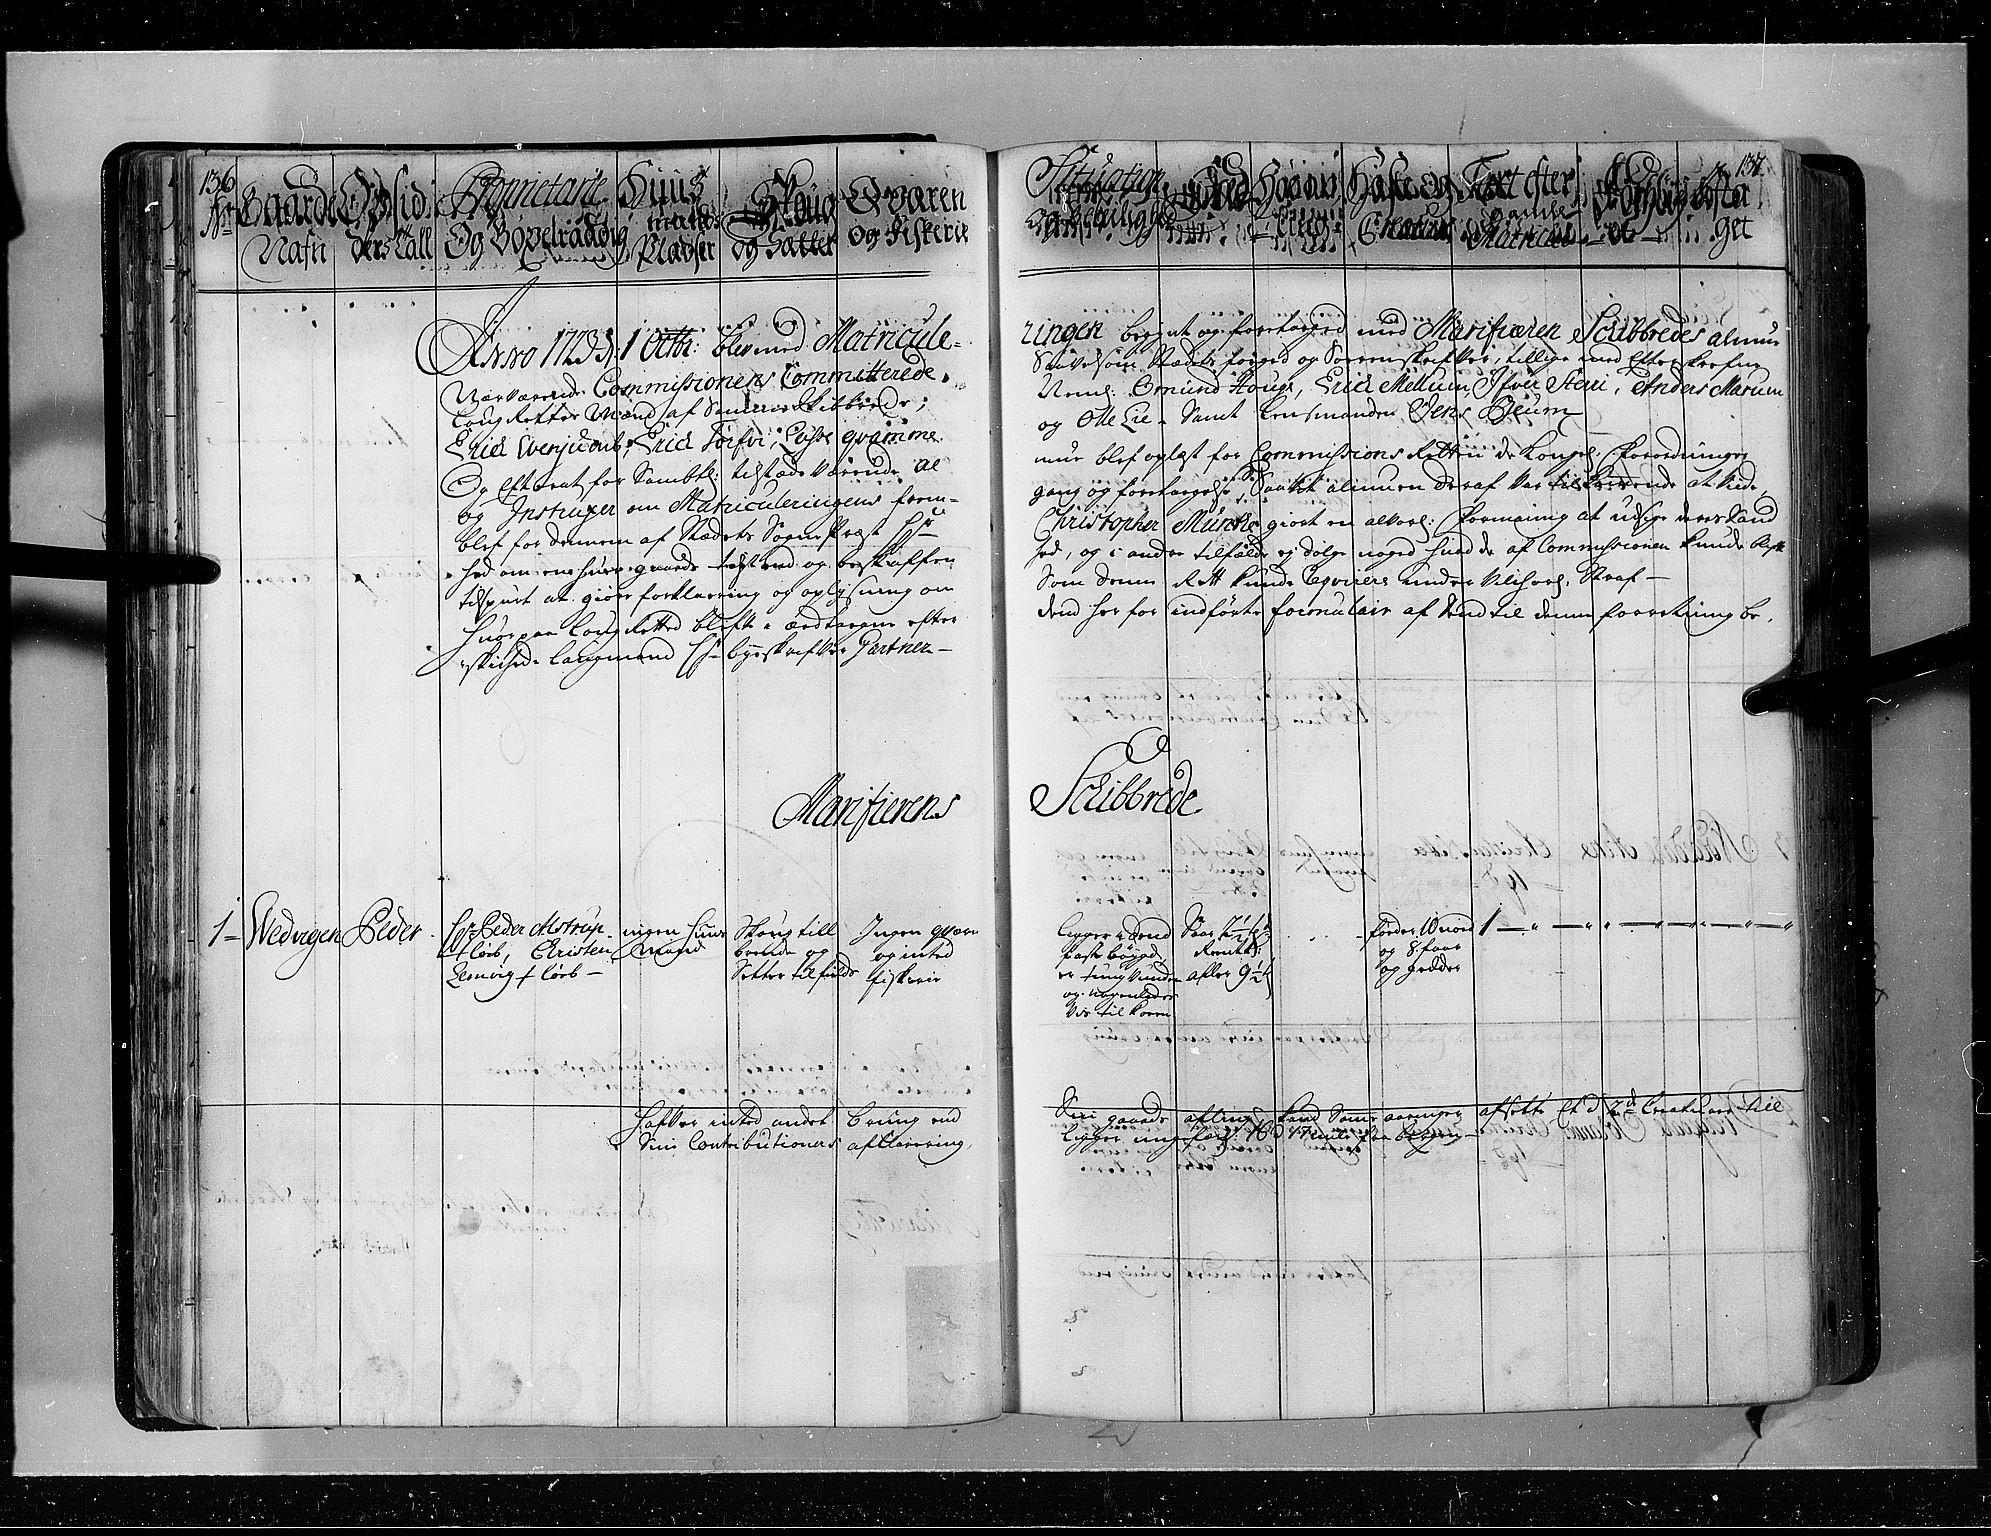 RA, Rentekammeret inntil 1814, Realistisk ordnet avdeling, N/Nb/Nbf/L0143: Ytre og Indre Sogn eksaminasjonsprotokoll, 1723, s. 136-137